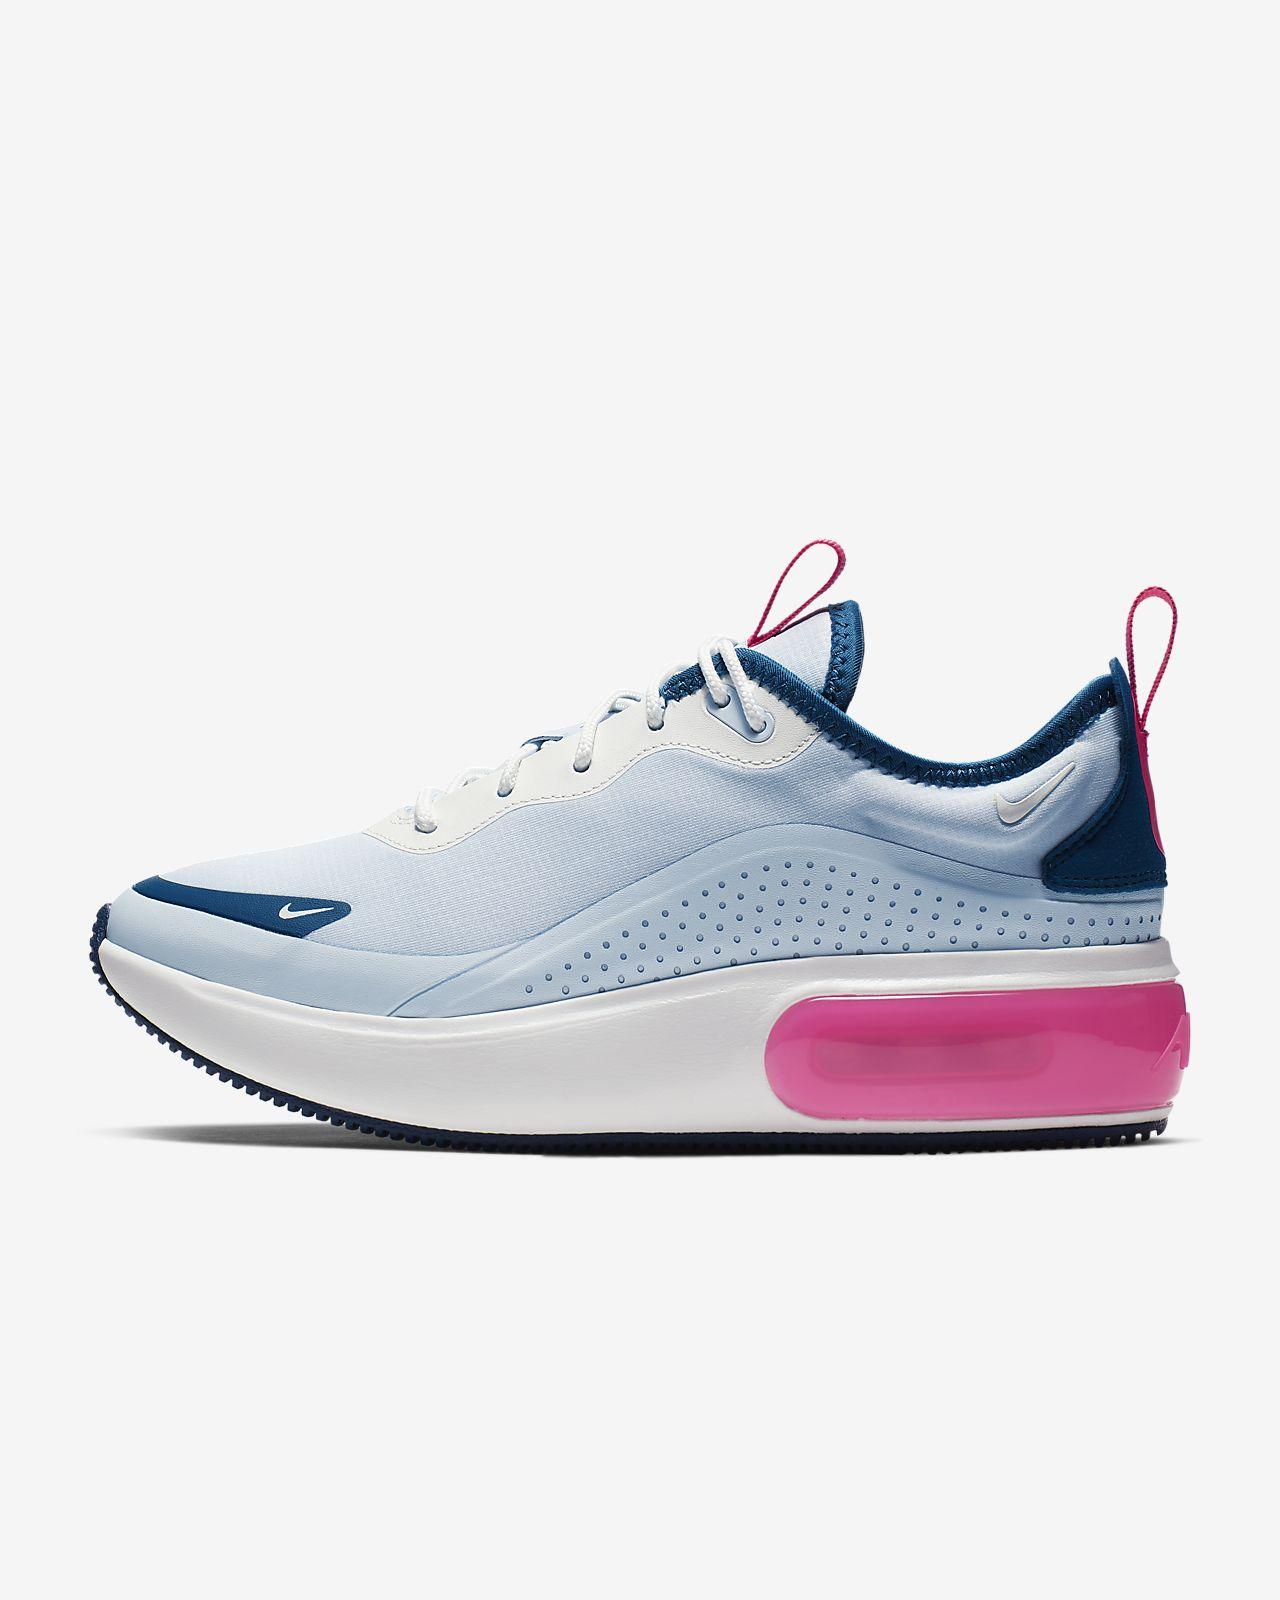 premium selection 3b3fe 68023 ... Nike Air Max Dia Schuh